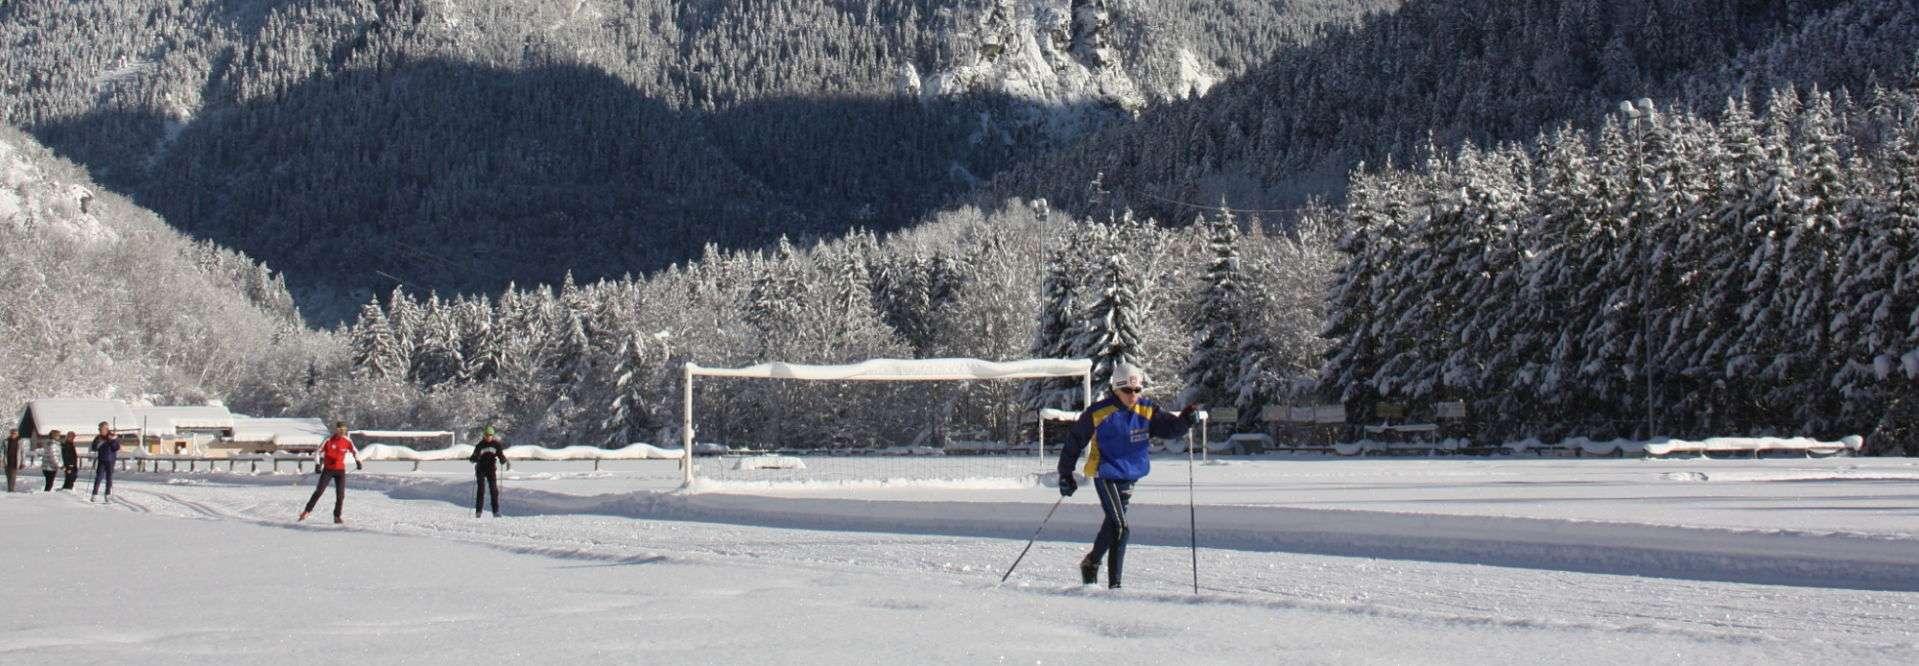 Nordic skiing of Bozel